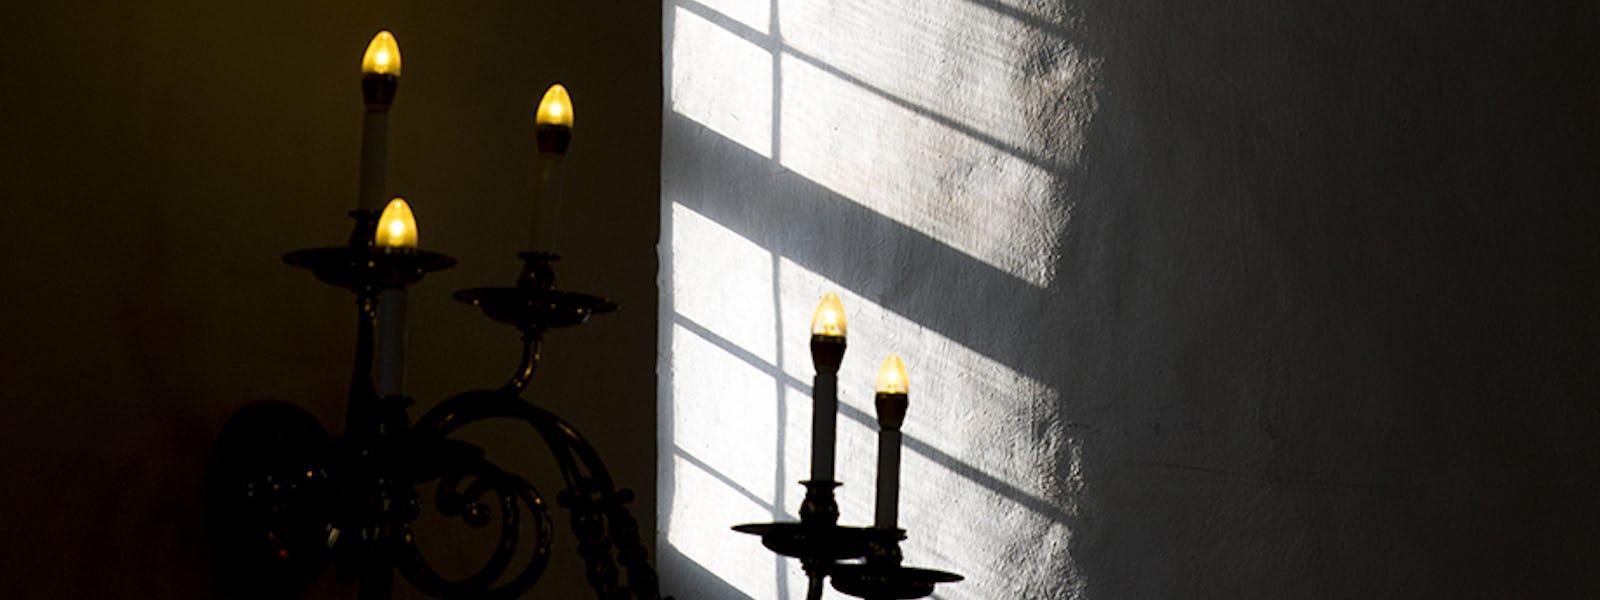 Bild - Ljus i mörker